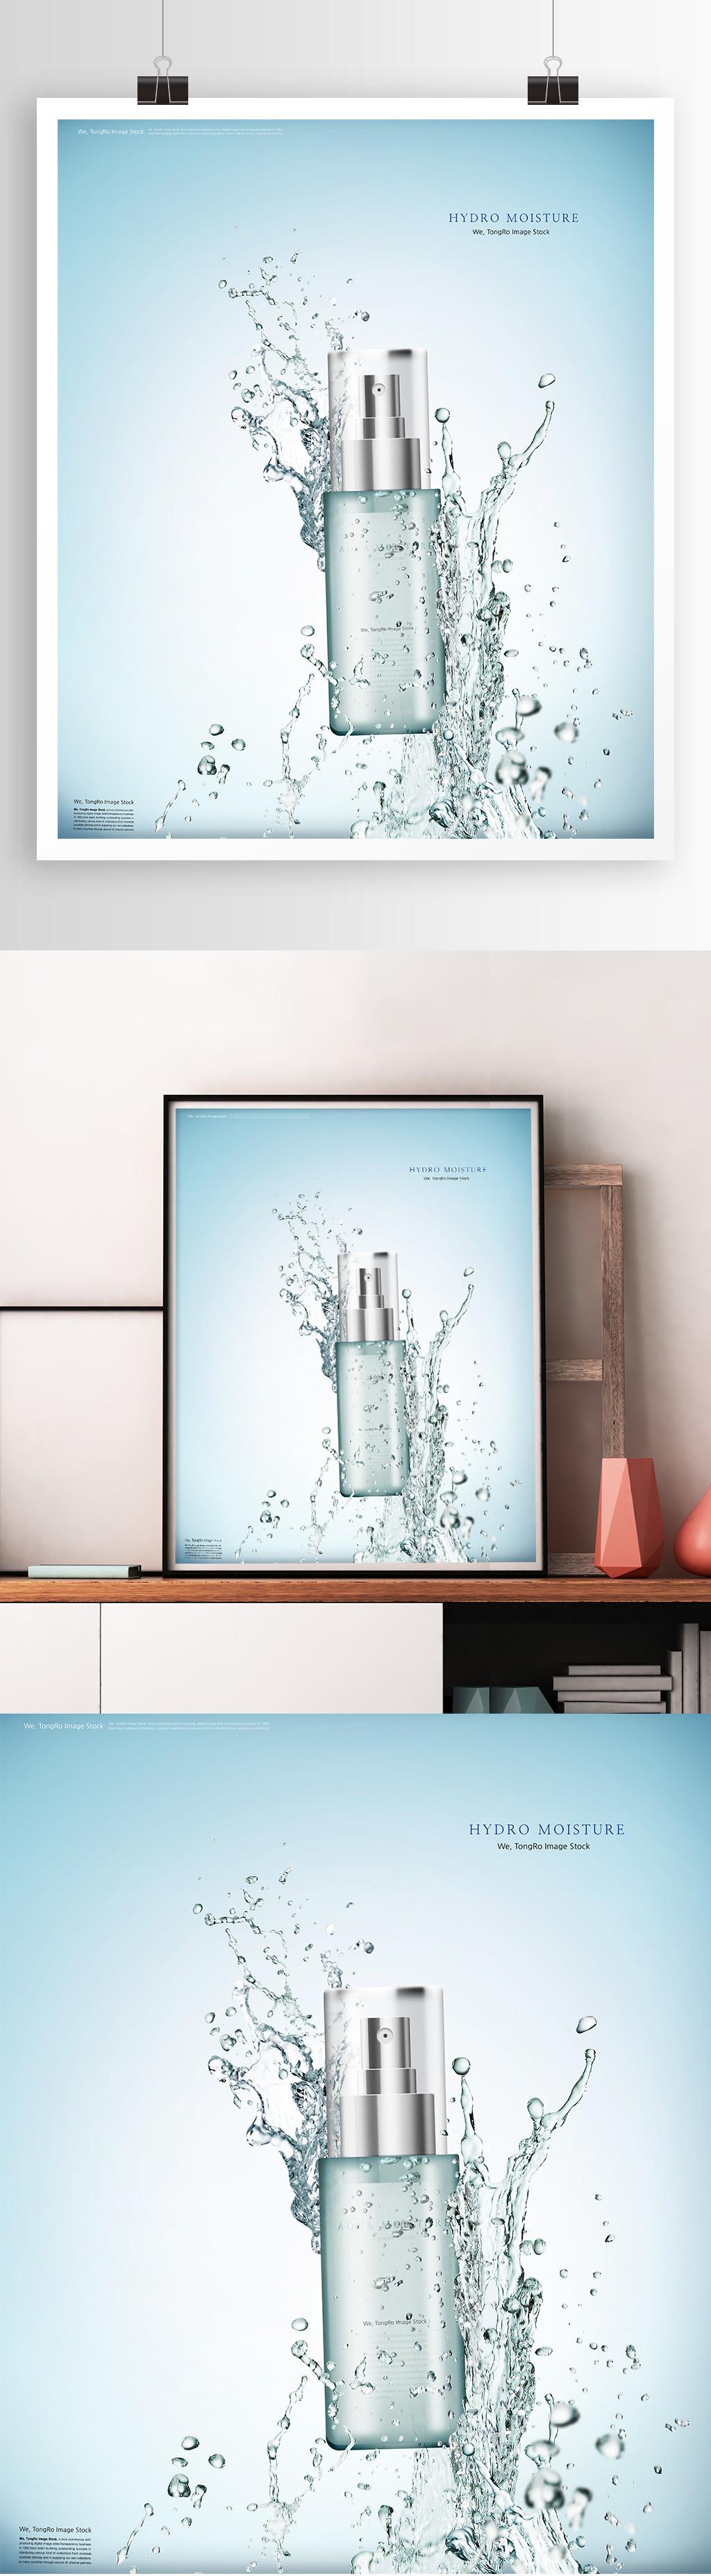 水润补水护肤品面霜化妆品海报PSD模板